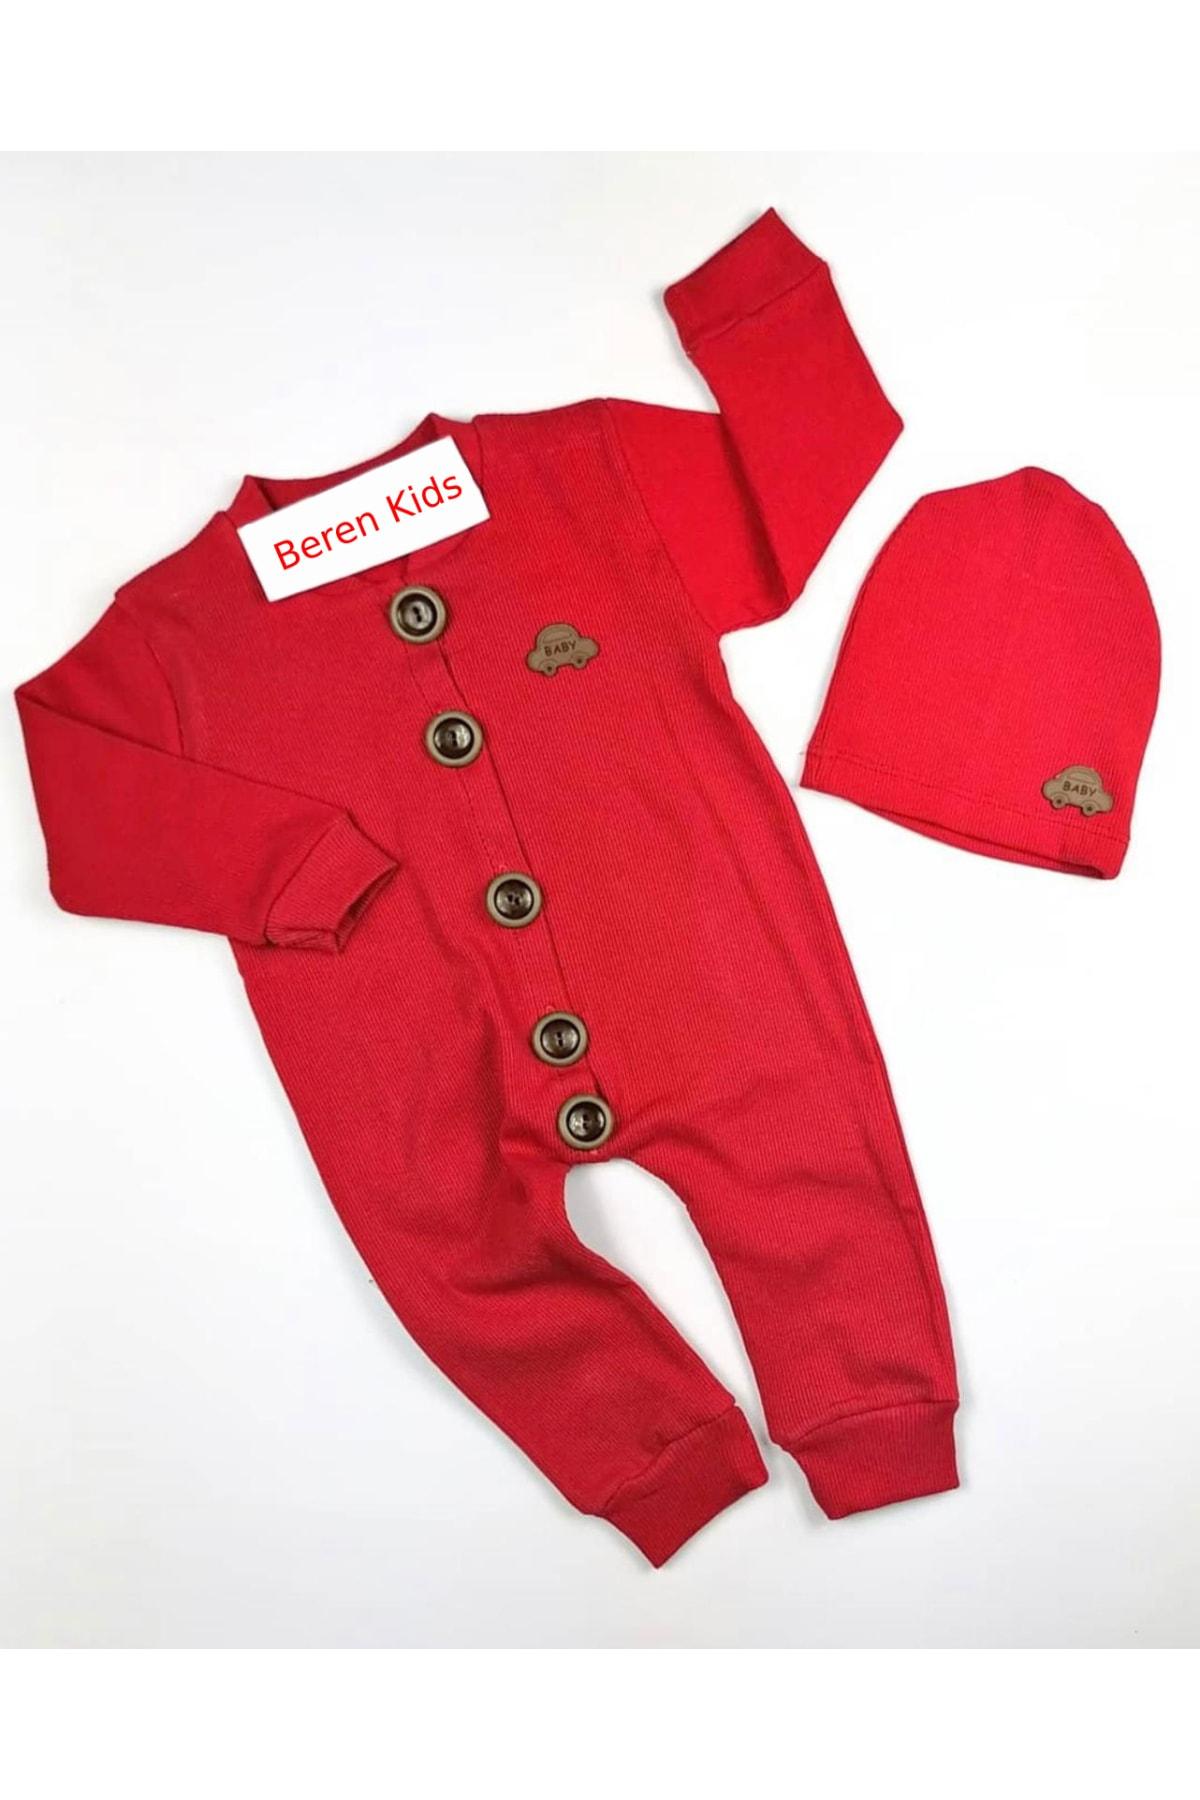 Beren Kids Araba Desenli Şapkalı Bebek Tulumu 1